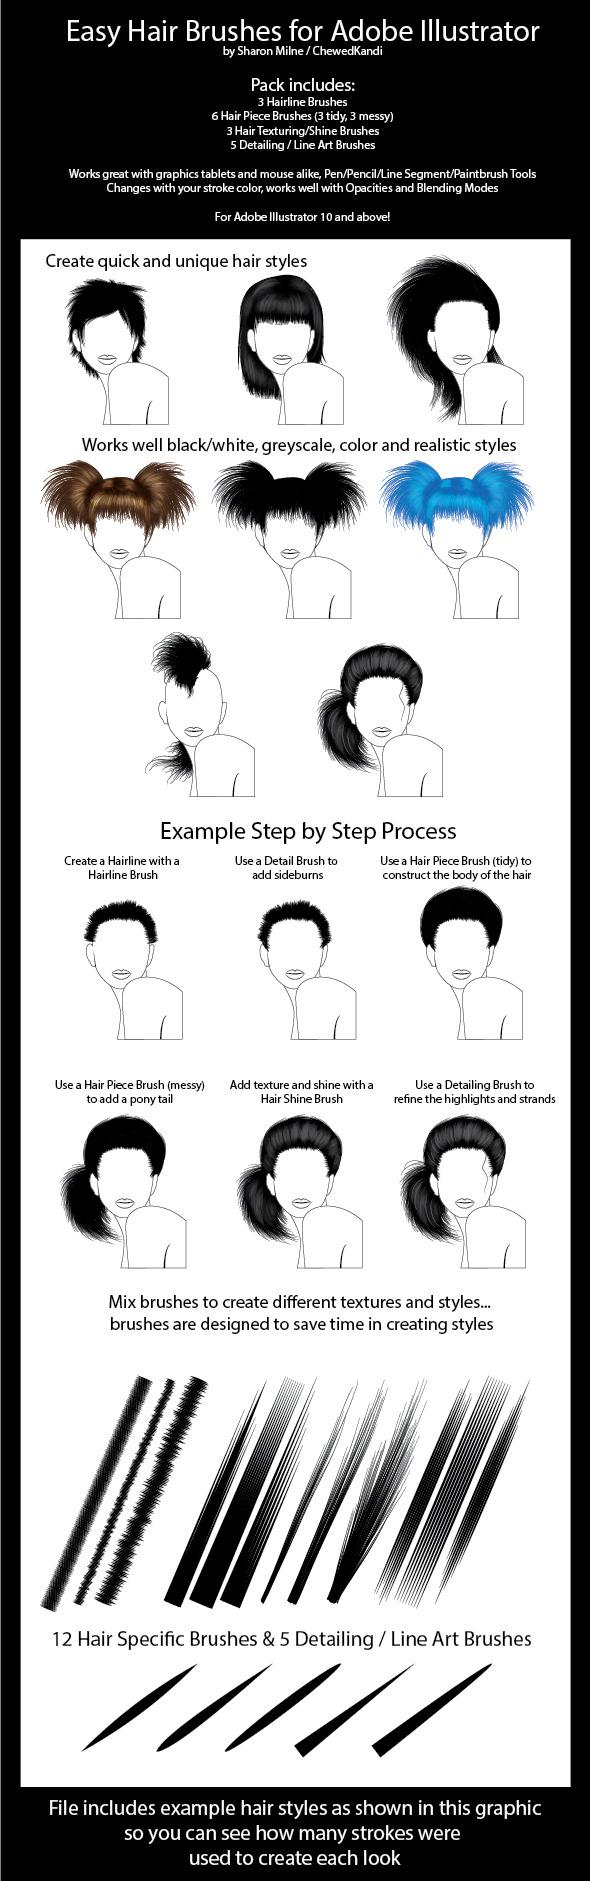 Easy Hair Brushes for Adobe Illustrator - Miscellaneous Brushes